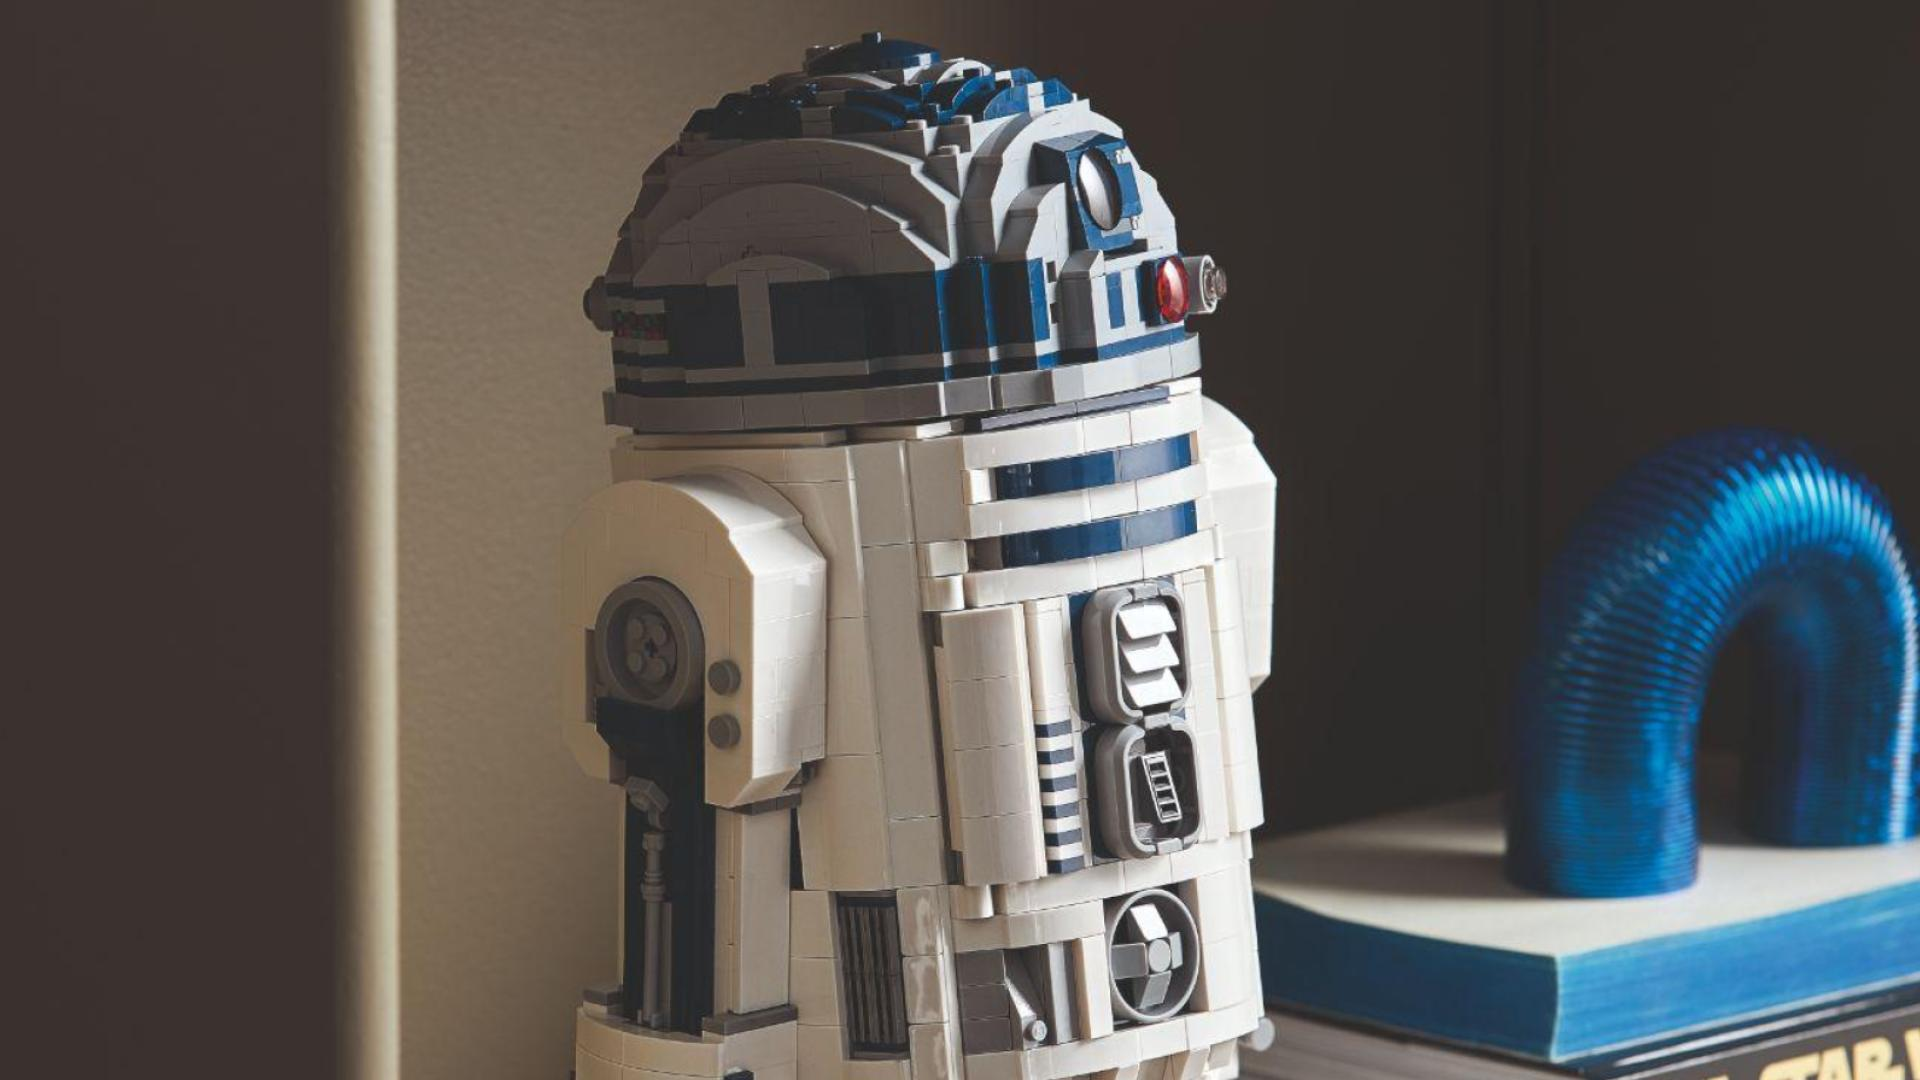 LEGO Star Wars dévoile une nouvelle figurine à l'effigie du droïde R2-D2